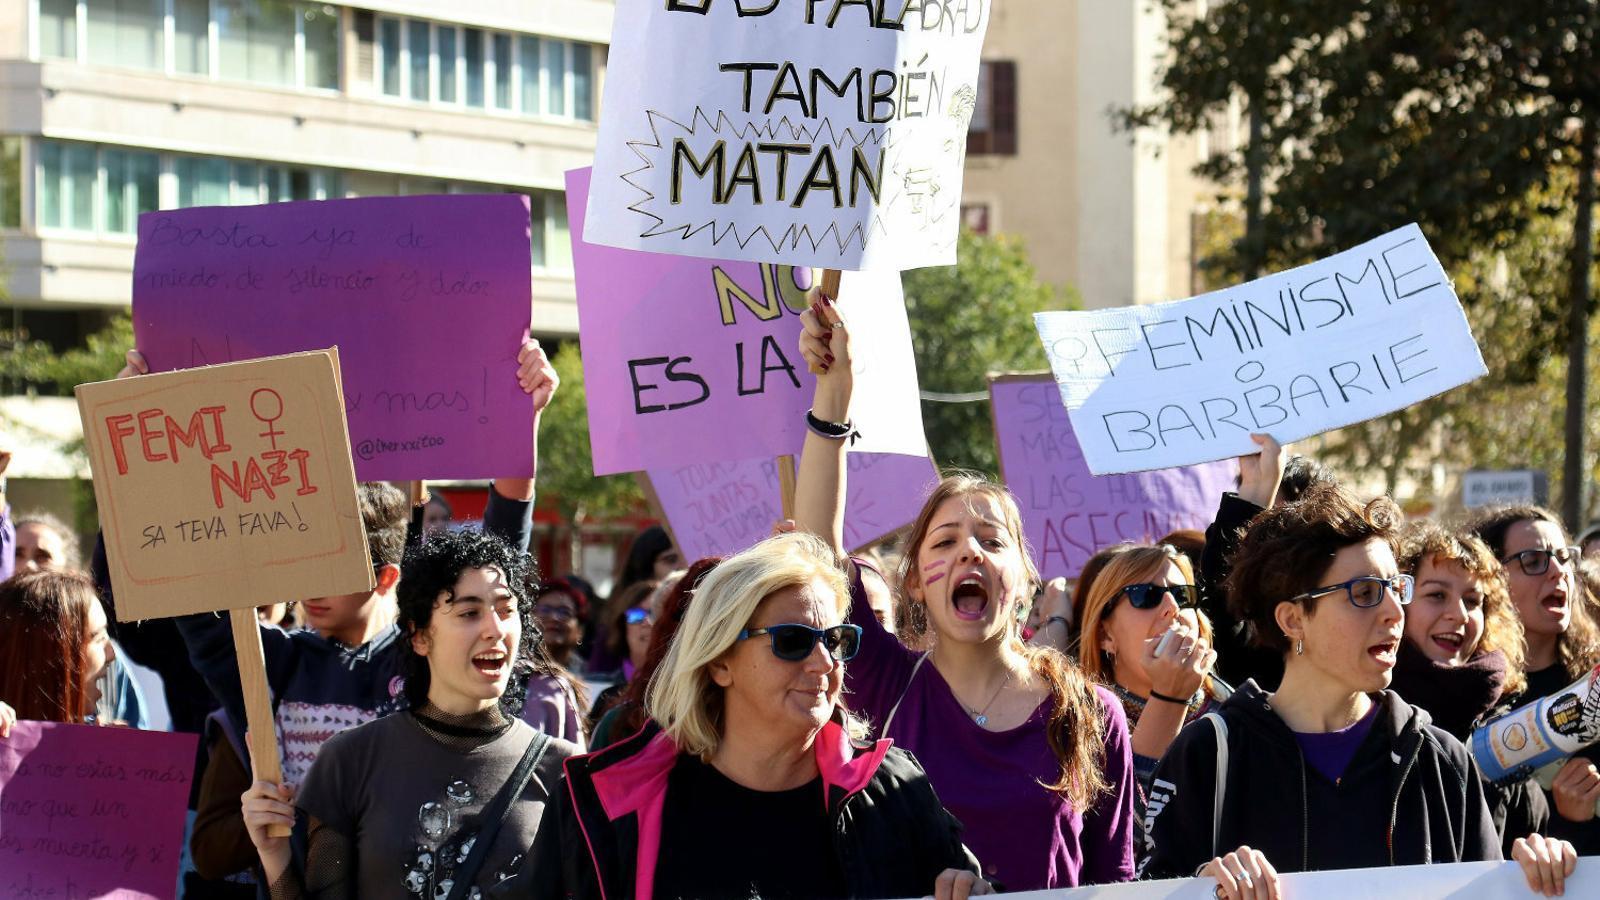 Fonaments teòrics per a l'aliança del sobiranisme i el feminisme